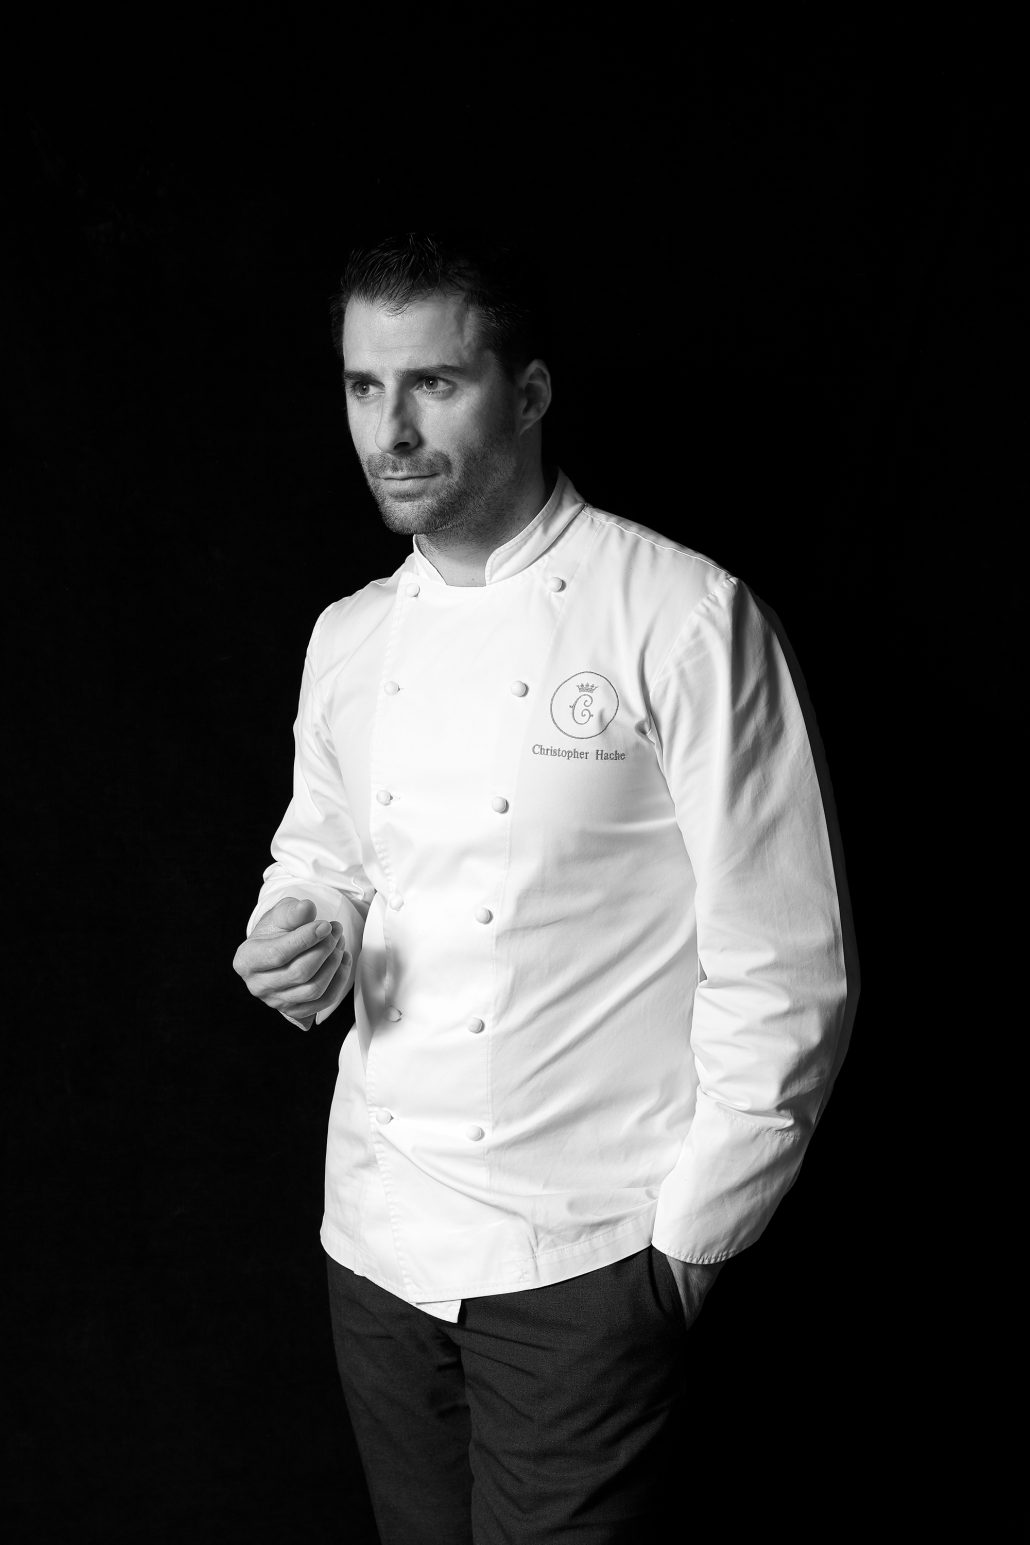 Chef Christopher Hache – l'Hôtel de Crillon, A Rosewood Hotel